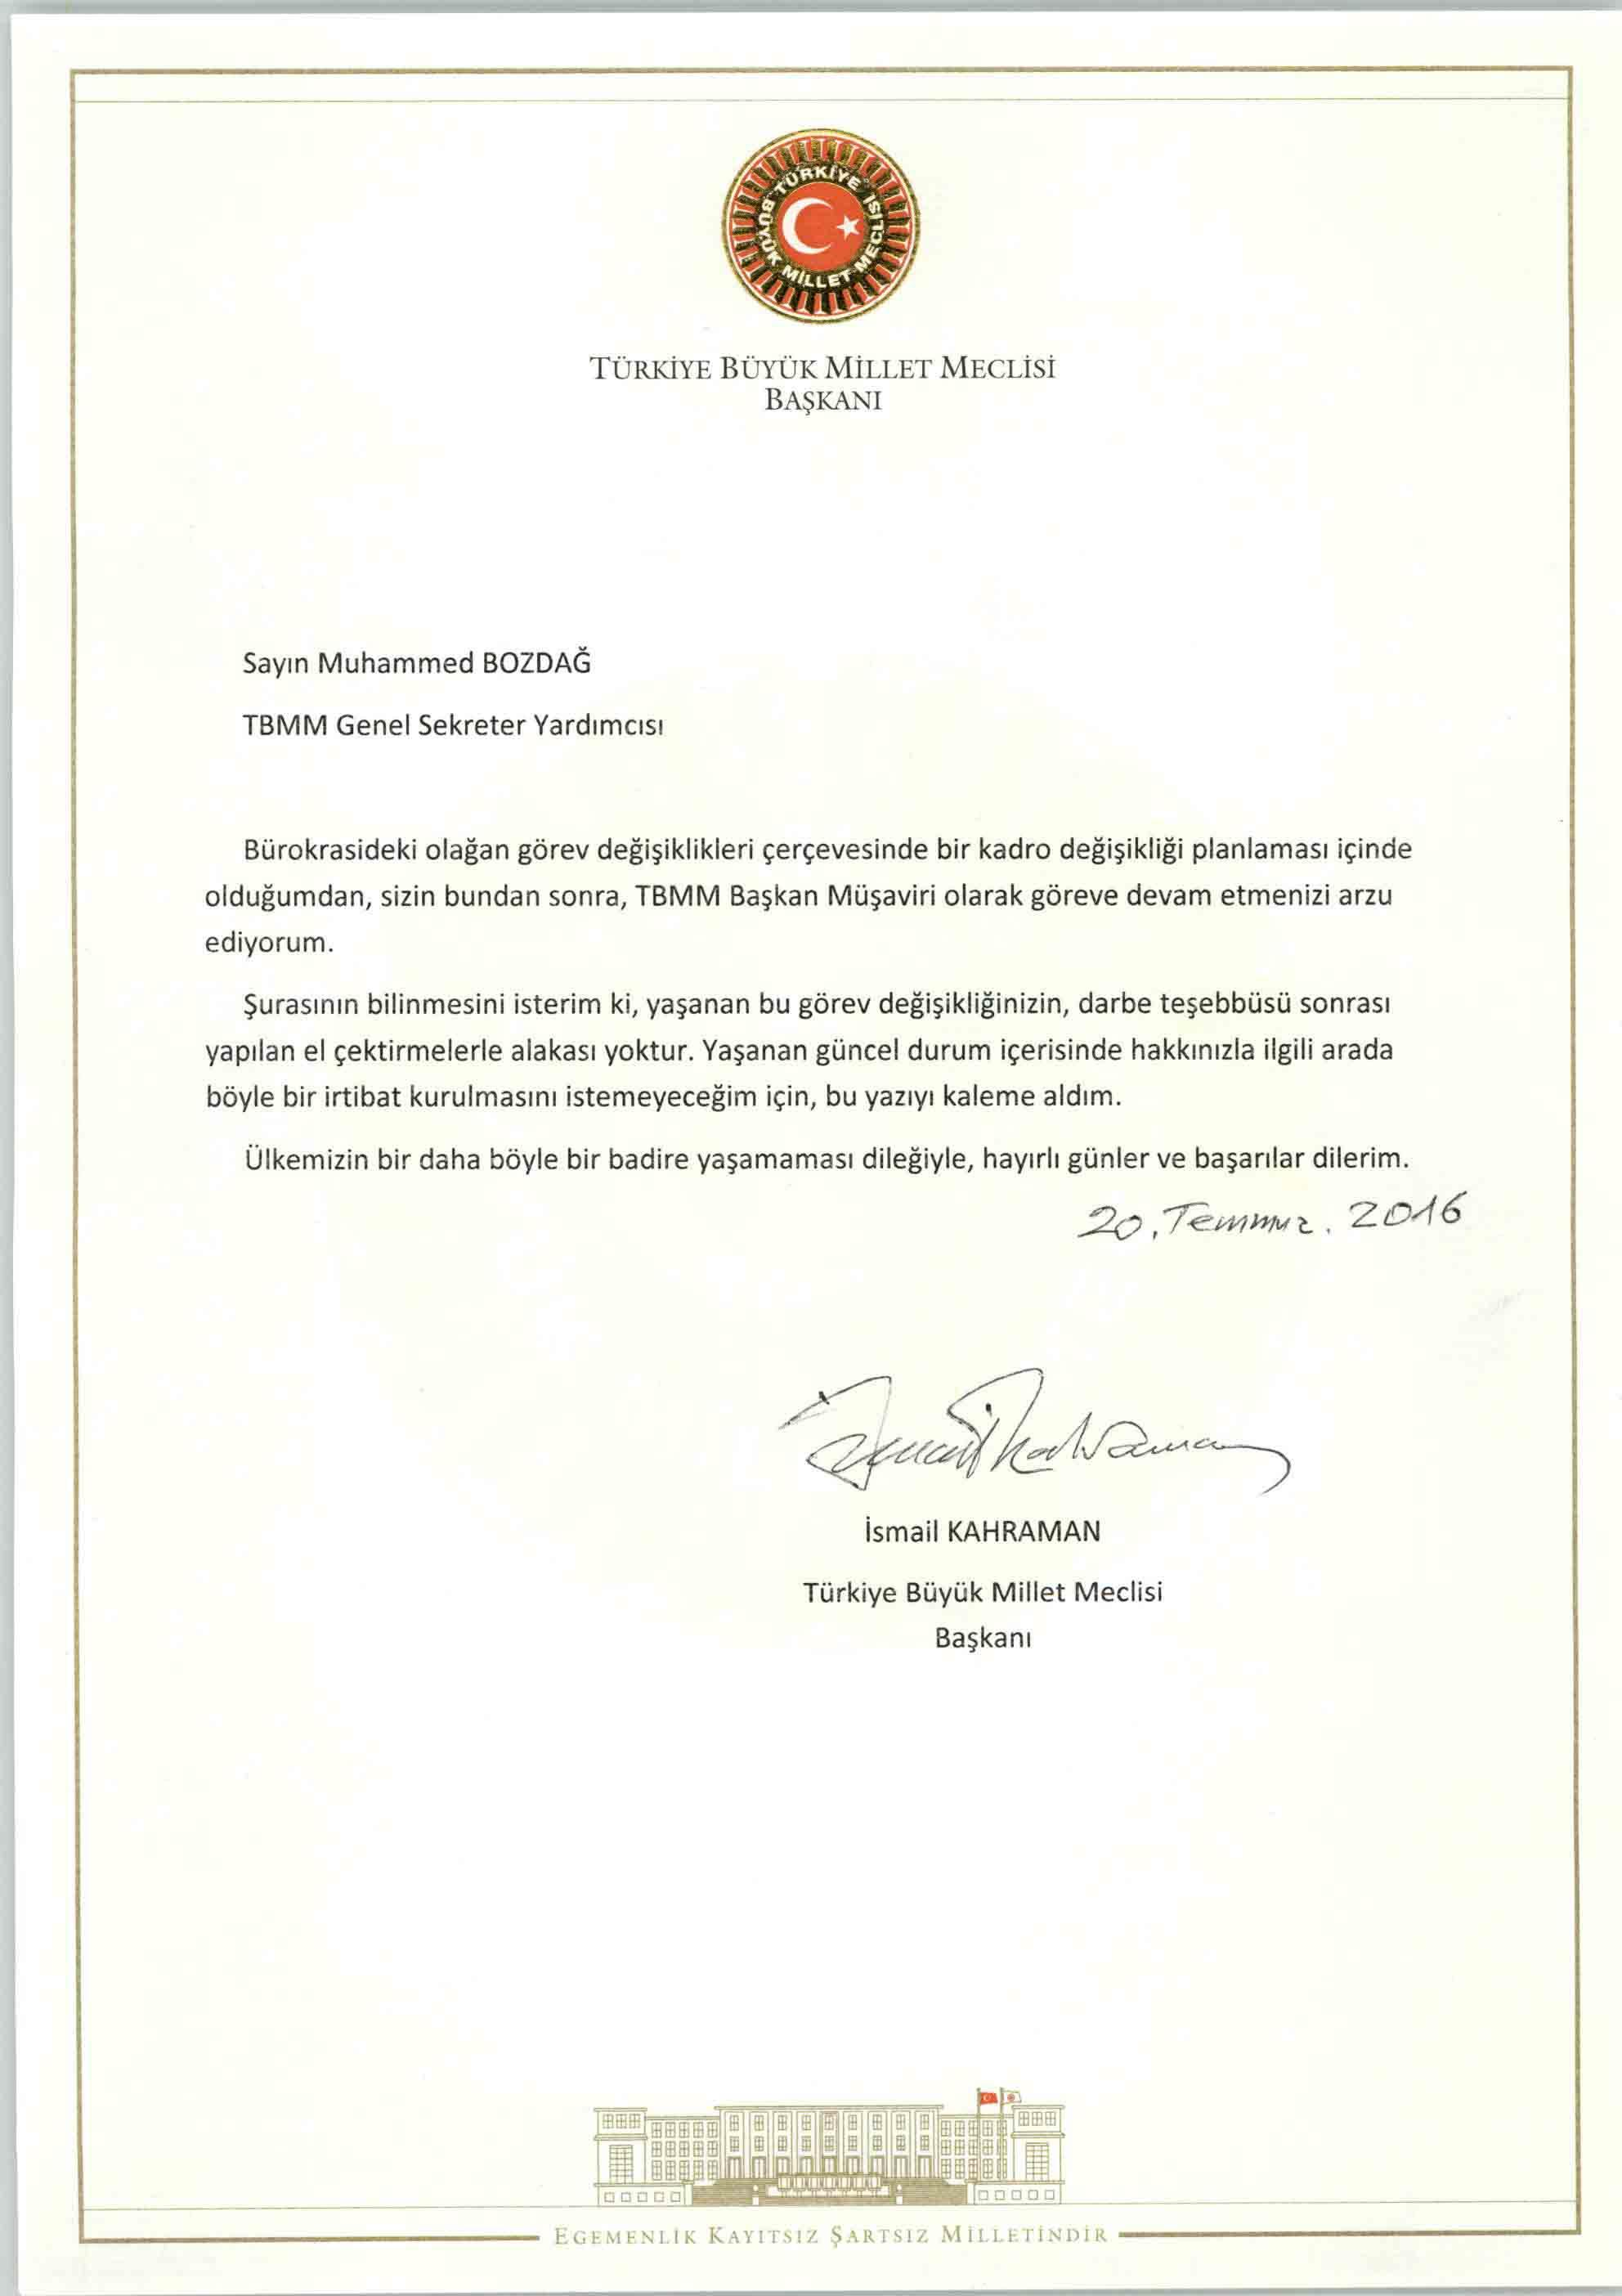 TBMM Başkanı Sayın İsmail Kahraman'ın habere konu yazısı...